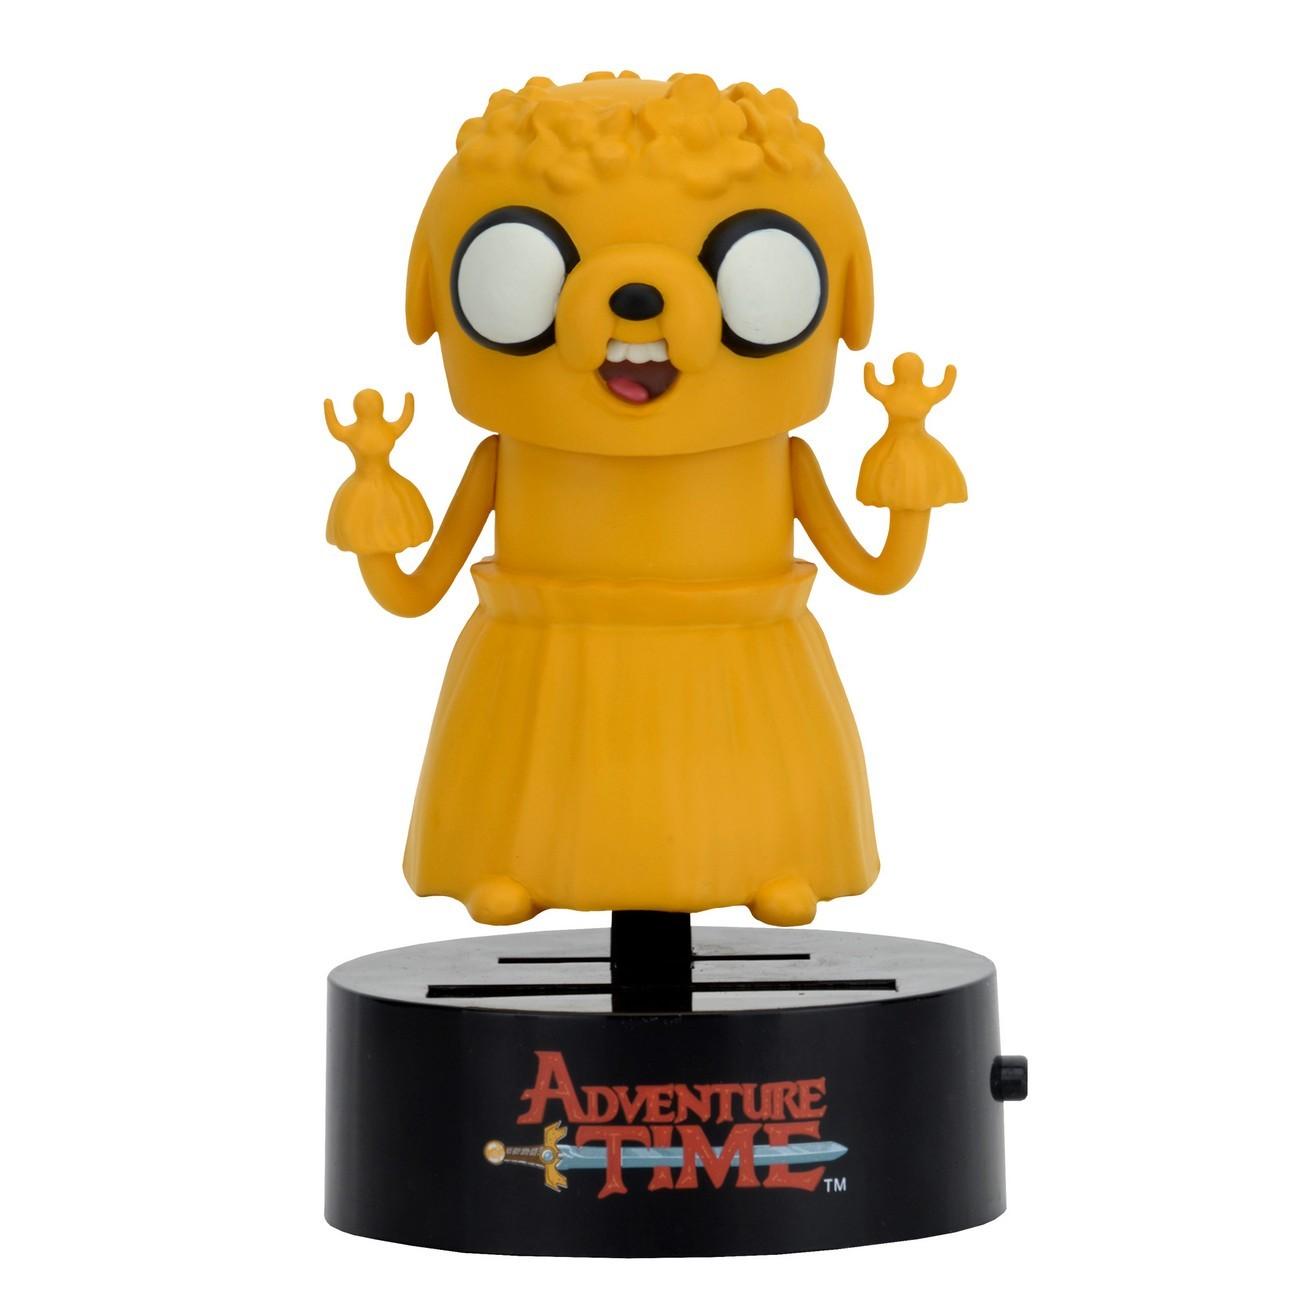 Фигурка на солнечной батарее Adventure Time Jake 15 смДжейк – волшебный пес из мультсериала Время Приключений, лучший друг Финна и его сводный брат. Он выглядит как жёлтый бульдог с большими глазами. Джейк умеет растягиваться и управлять своим телом, заставляя его принимать любую форму. Фигурка-телотряс работает от солнечной батареи и начинает трясти телом при достаточном освещении. Дополнительных батареек не требует.<br>